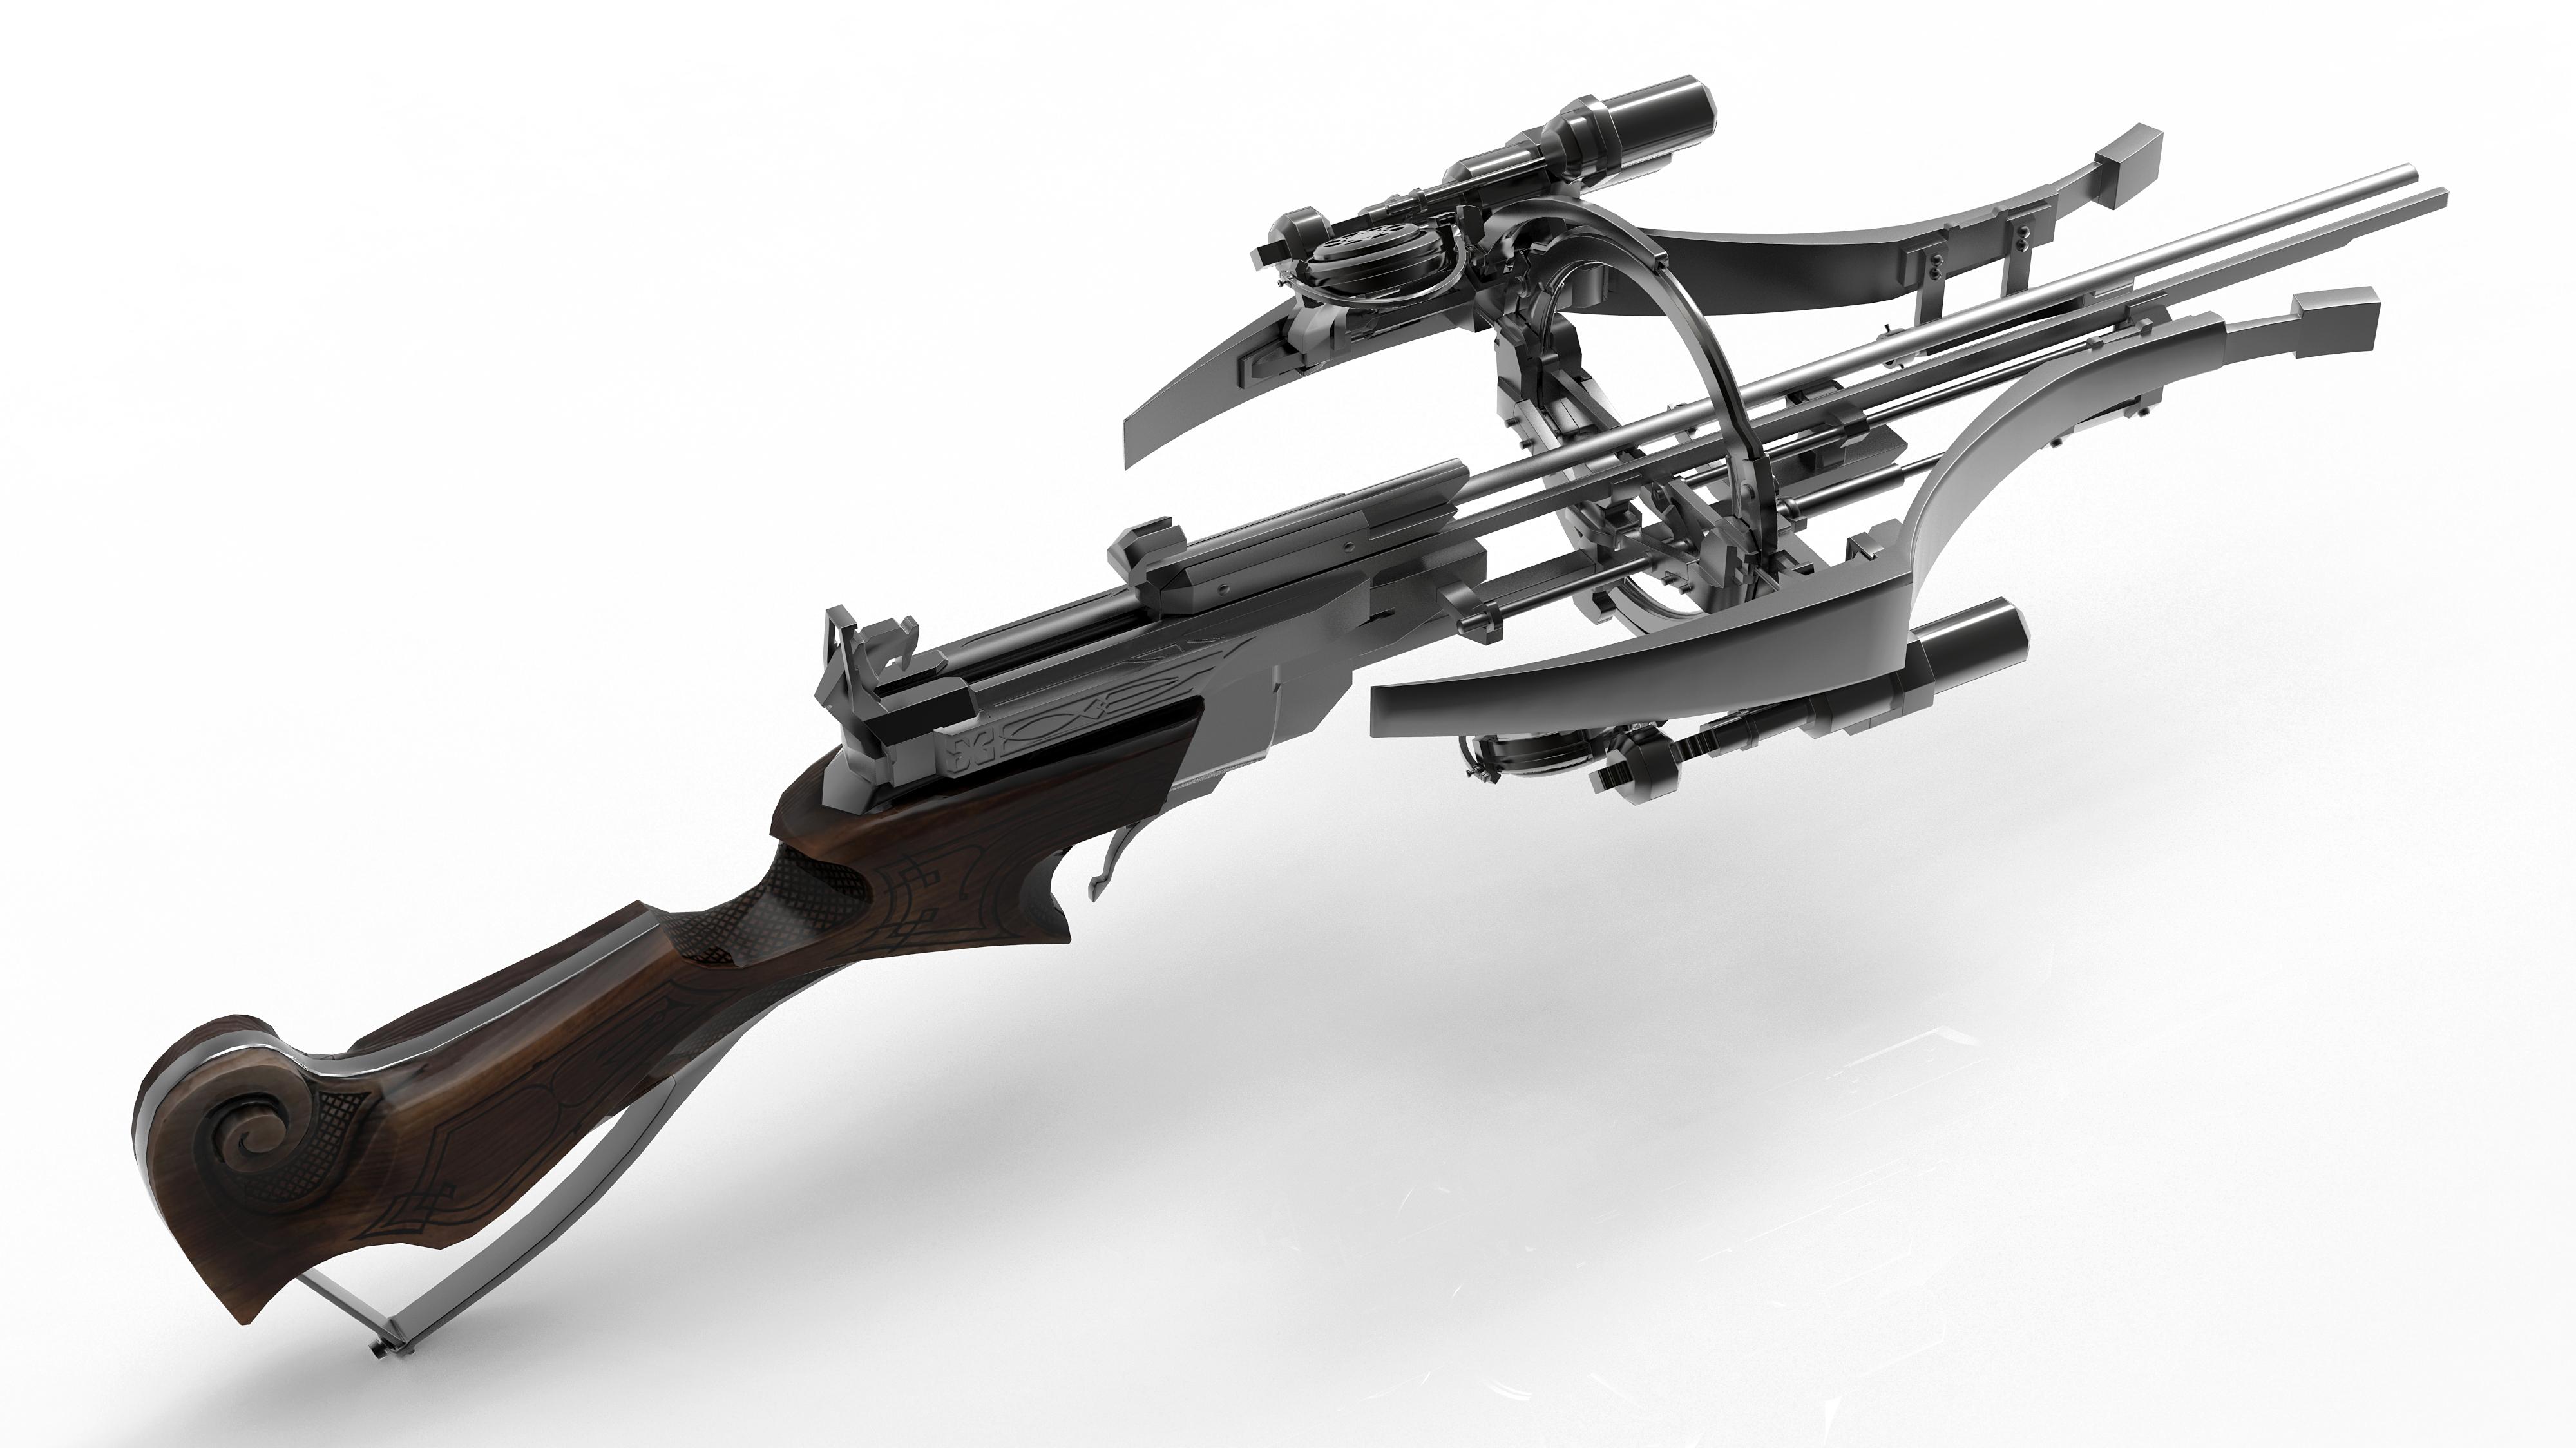 Prohlédněte si zbraně z Dishonored 2 132172